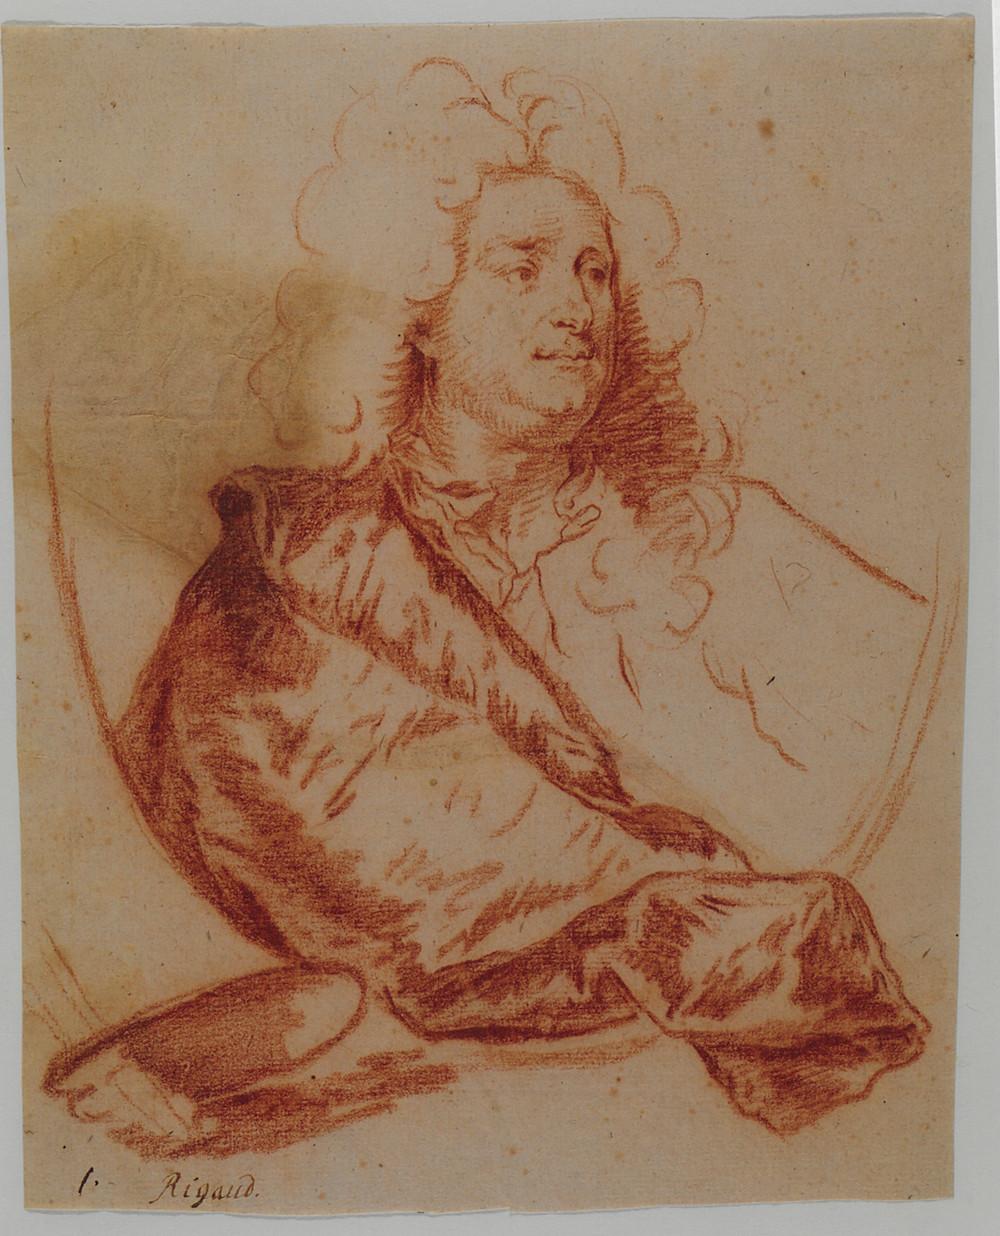 Hyacinthe Rigaud, Charles de La Fosse, sanguine, Stuttgart, Staatsgalerie, Graphische Sammlung, inv. C 1 888